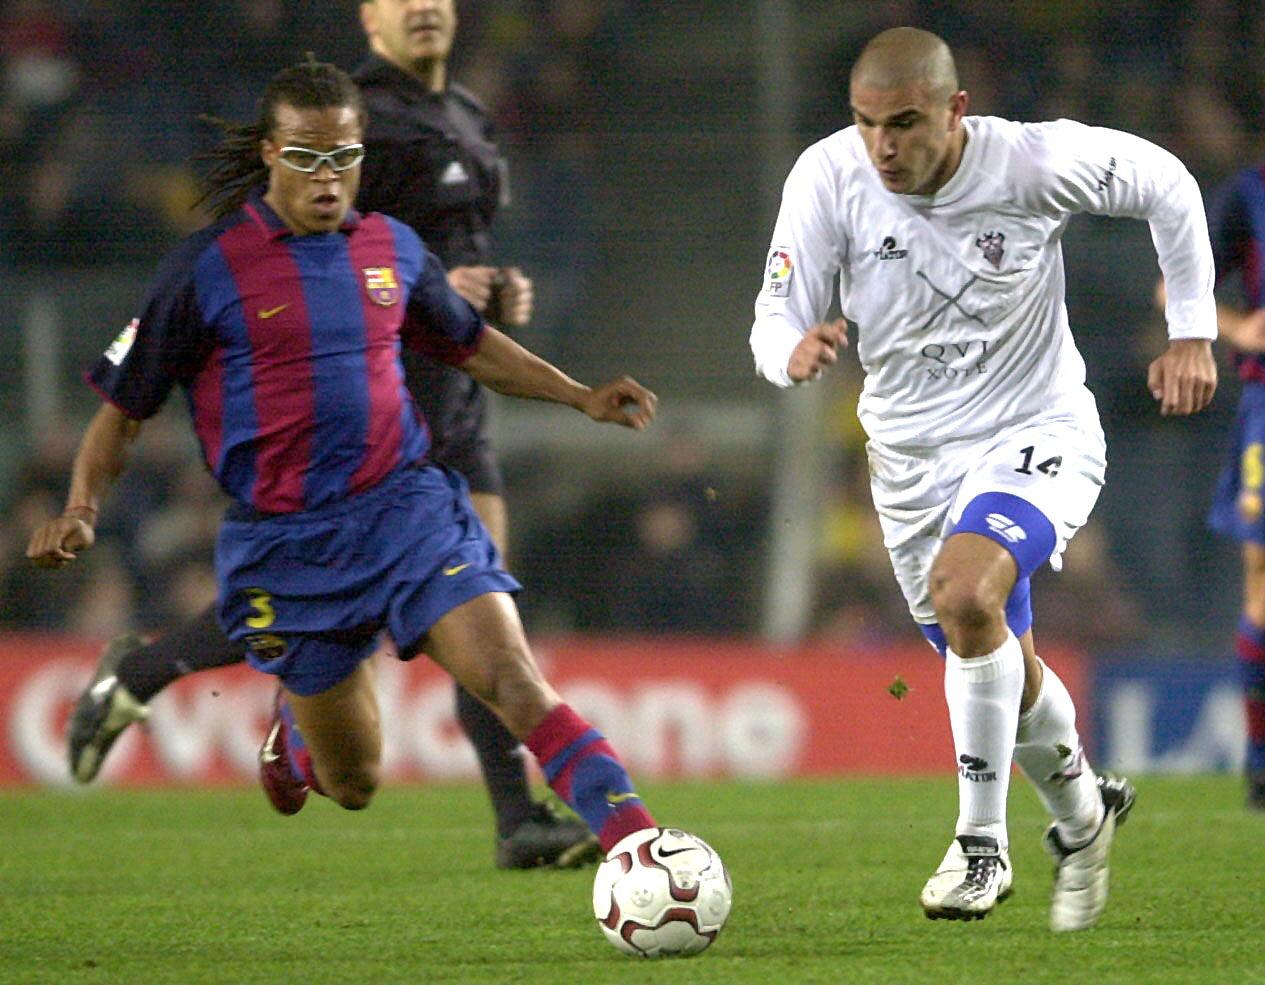 Aranda, perseguido por Davids en un Barcelona-Albacete en febrero de 2004 (Archivo 20minutos).